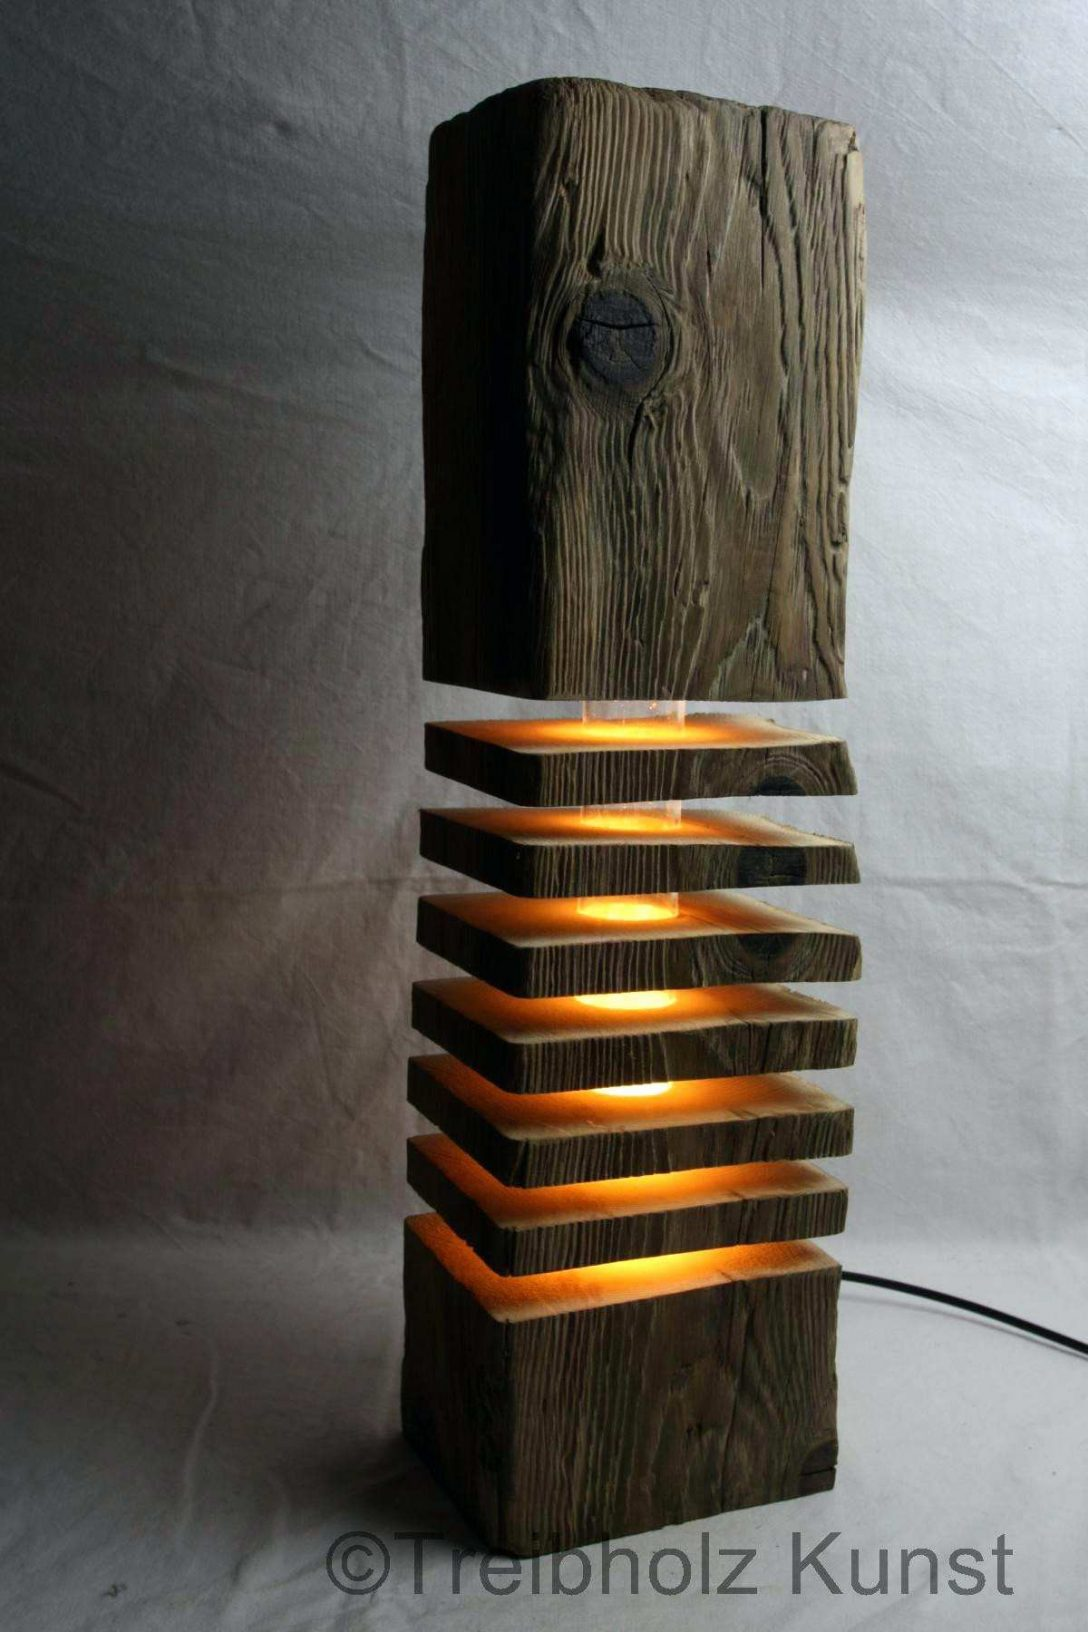 Large Size of Lampe Selber Bauen Holz Schn Machen Upcycling Aus Alt Wohnzimmer Stehlampe Holztisch Garten Badezimmer Massivholz Esstisch Ausziehbar Tischlampe Schlafzimmer Wohnzimmer Lampe Selber Bauen Holz